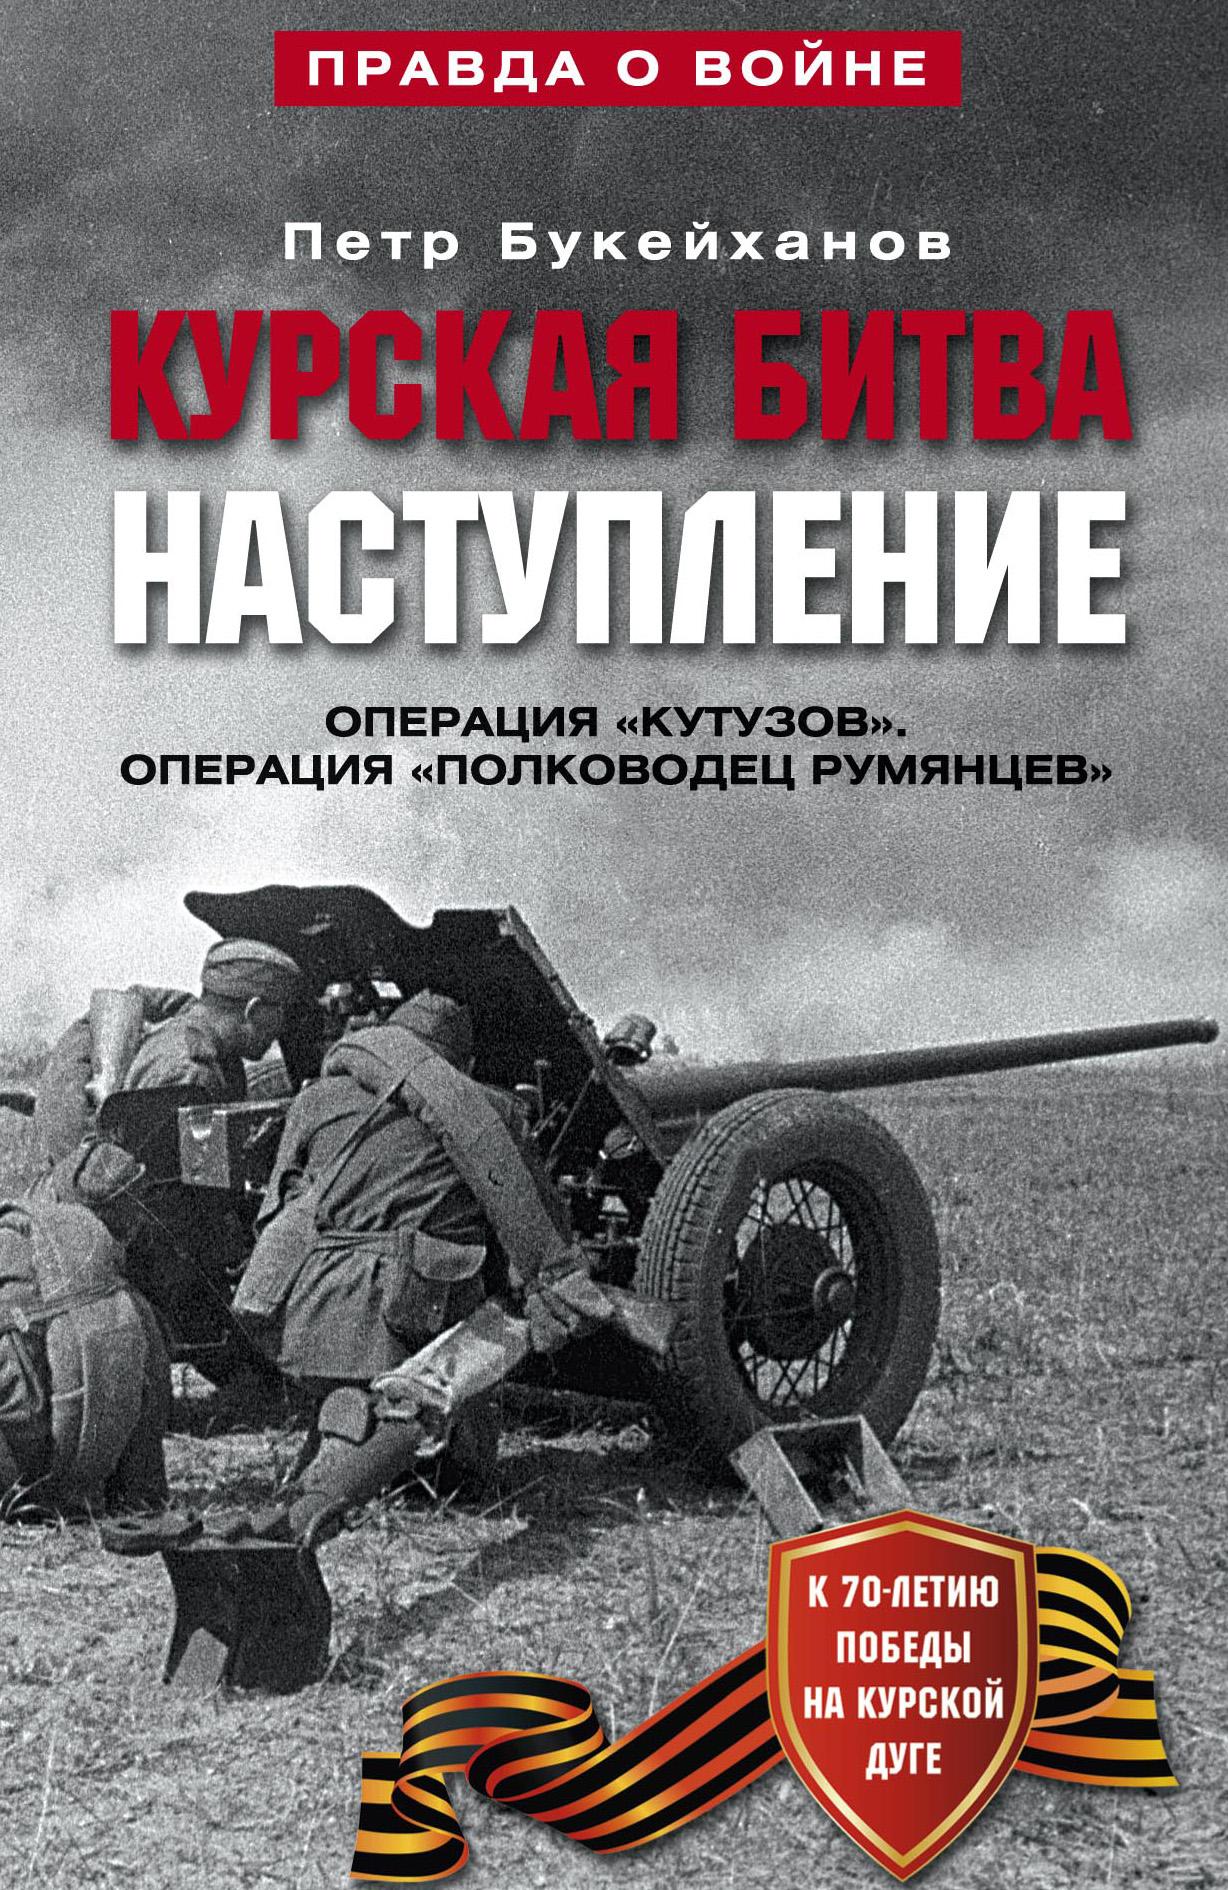 Курская битва. Наступление. Операция «Кутузов». Операция «Полководец Румянцев». Июль-август 1943